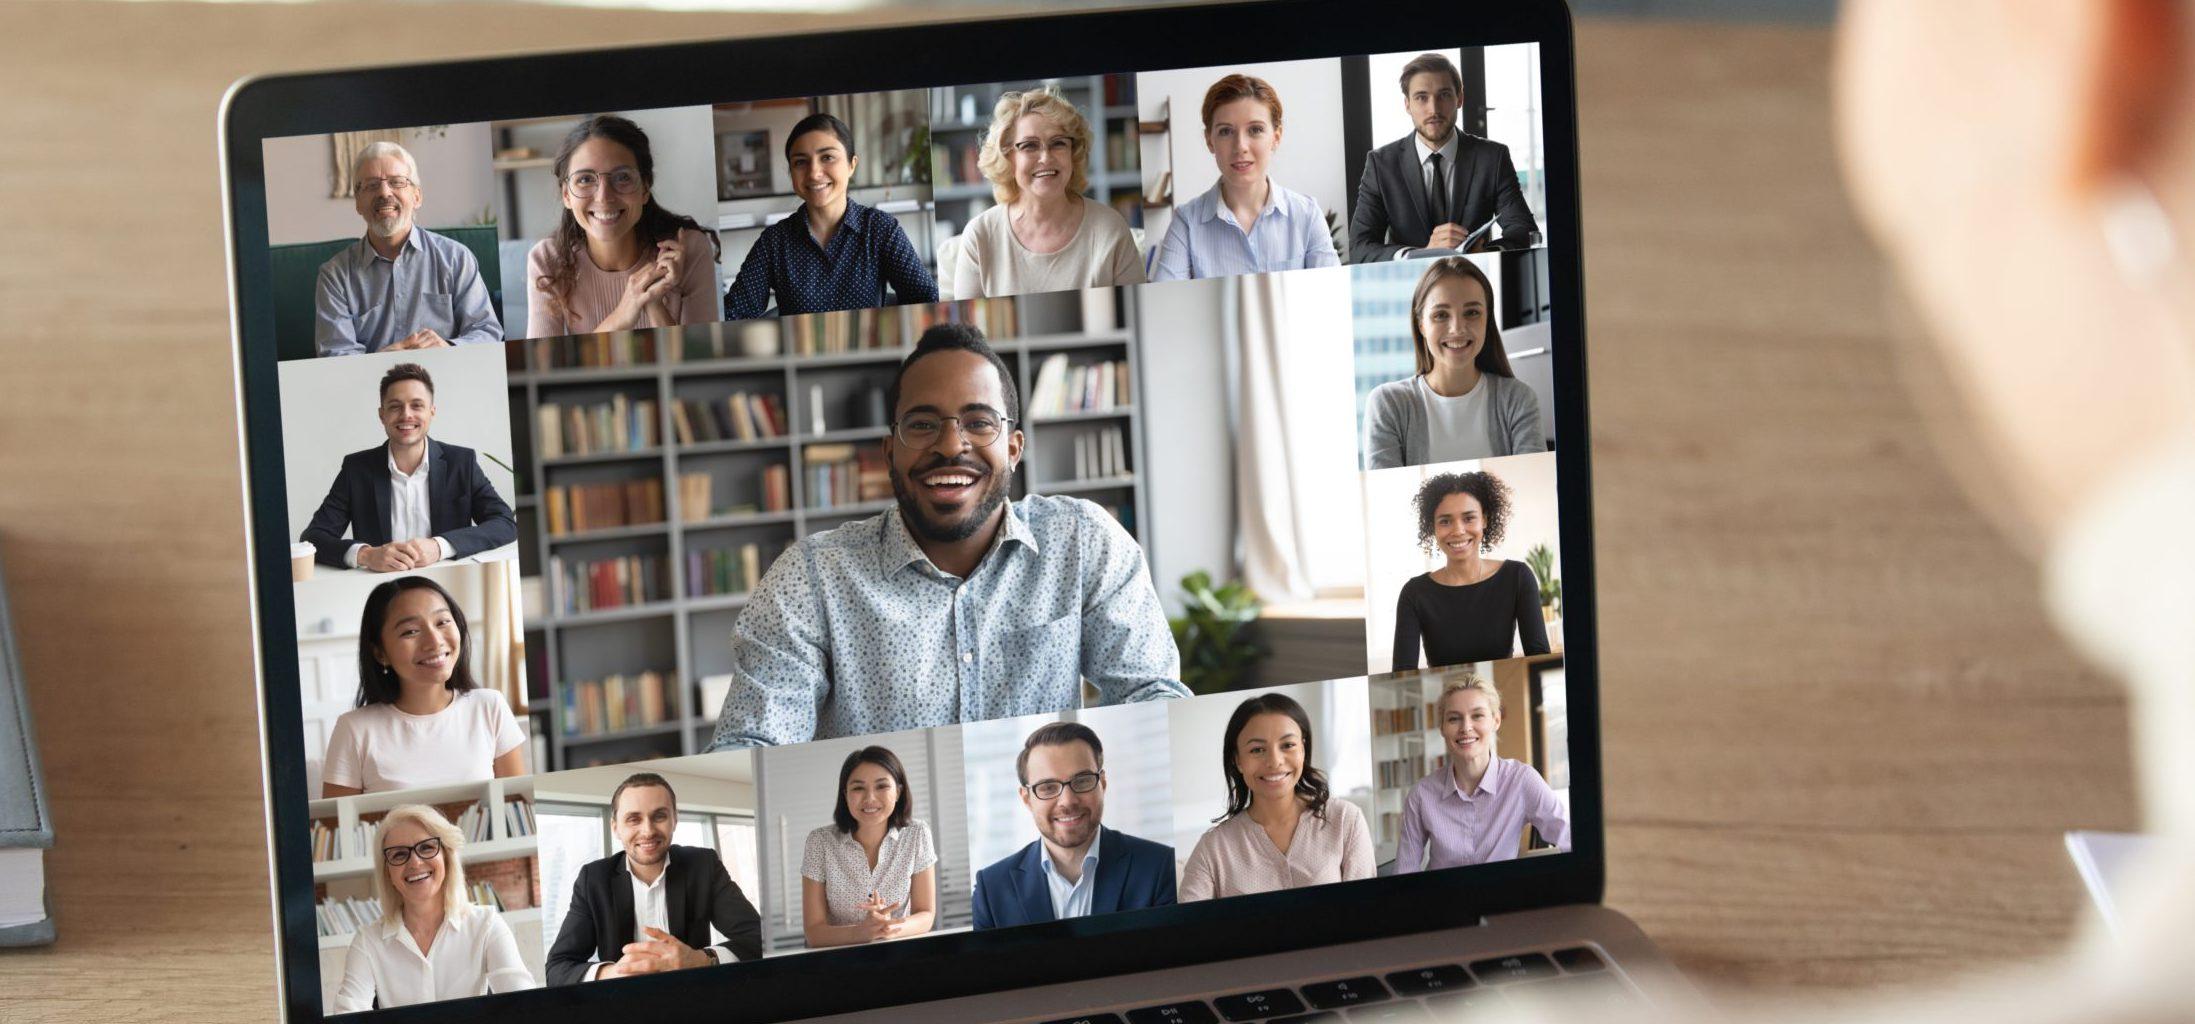 Eine Managerin nimmt am Laptop an einer Videokonferenz teil. Man sieht viele unterschiedliche Teilnehmende auf ihrem Bildschirm.